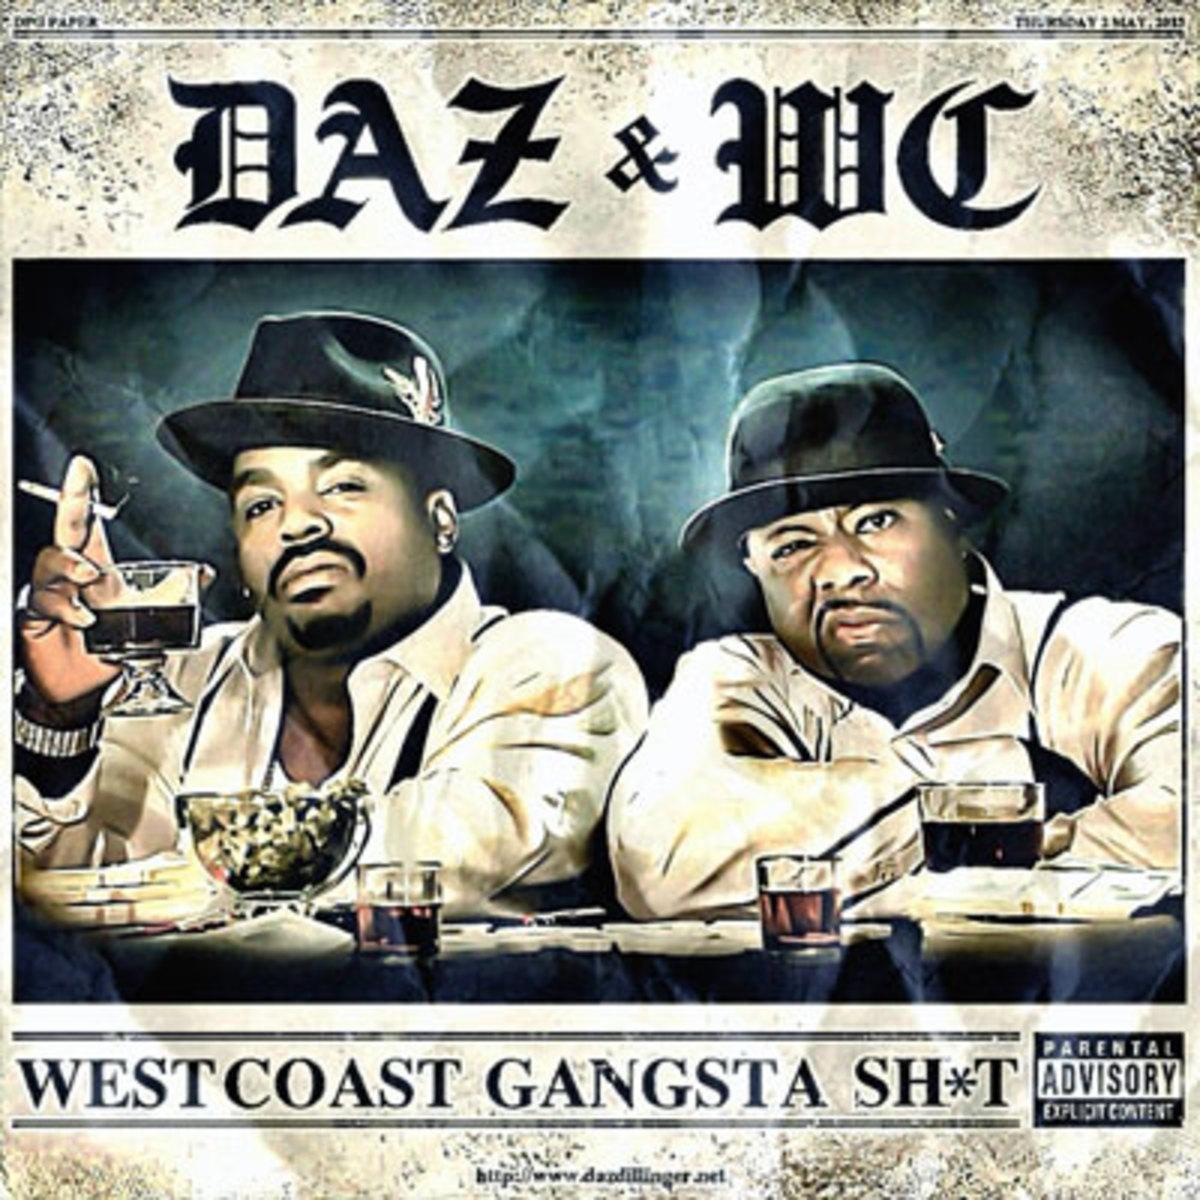 dazwc-westcoastgangsta.jpg